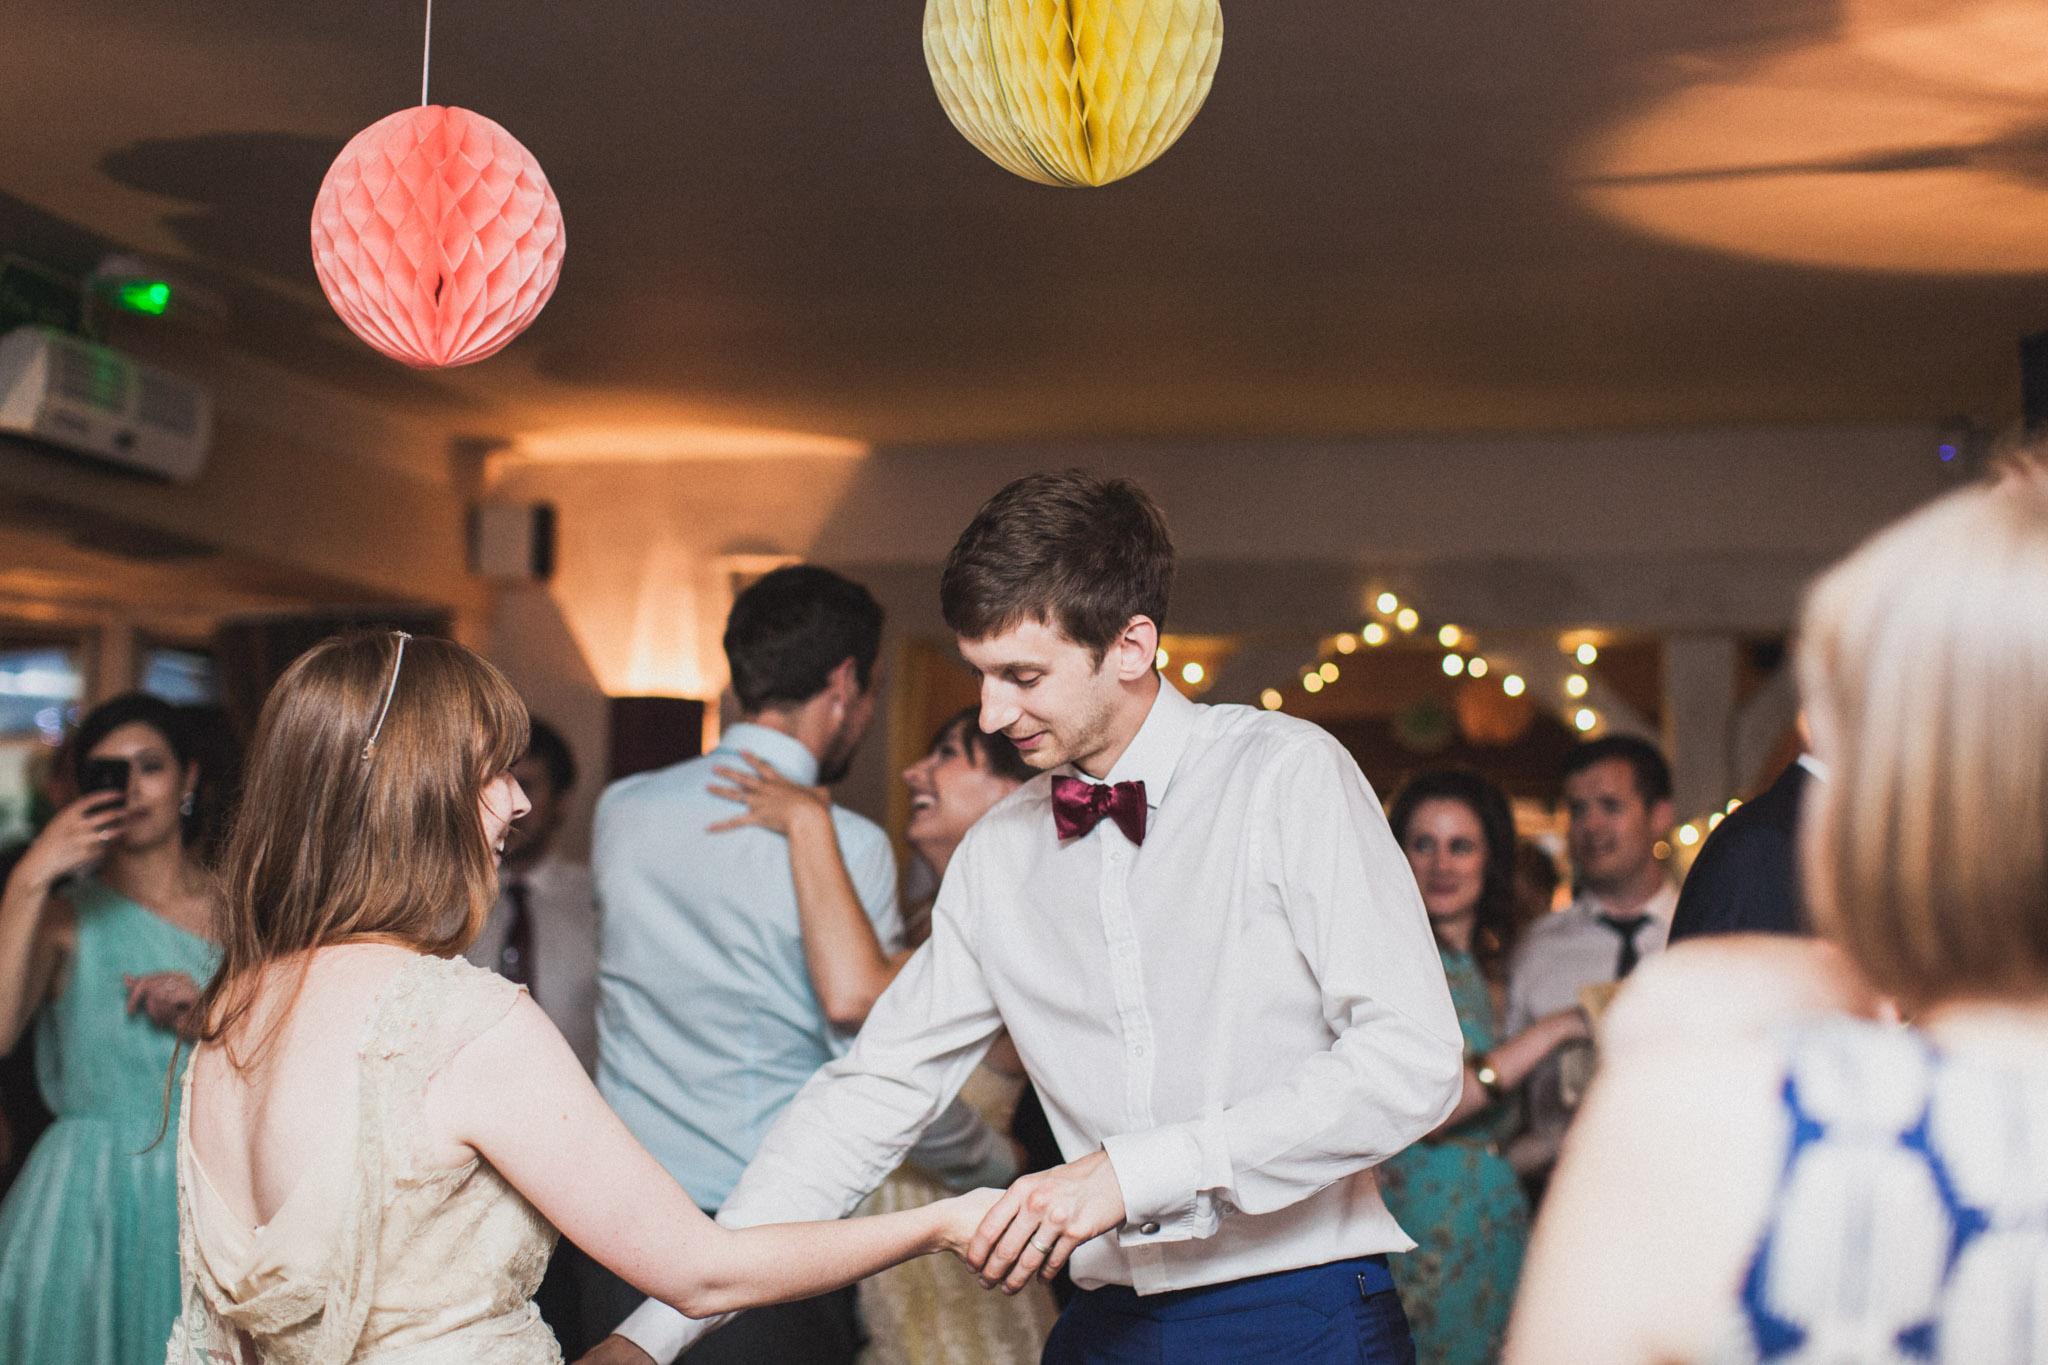 lewes_wedding_photographer_0091.jpg